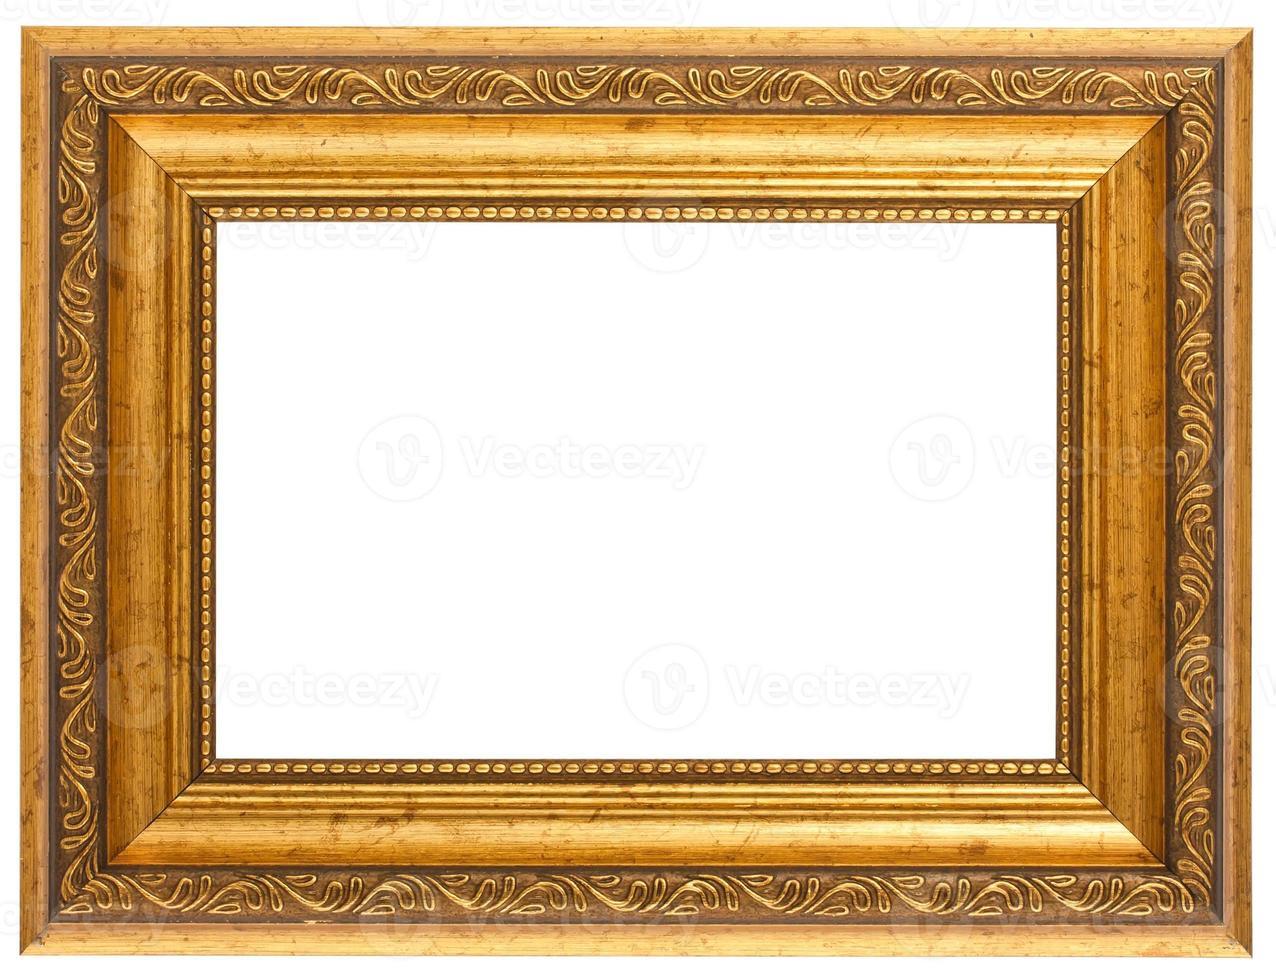 moldura antiga dourada foto